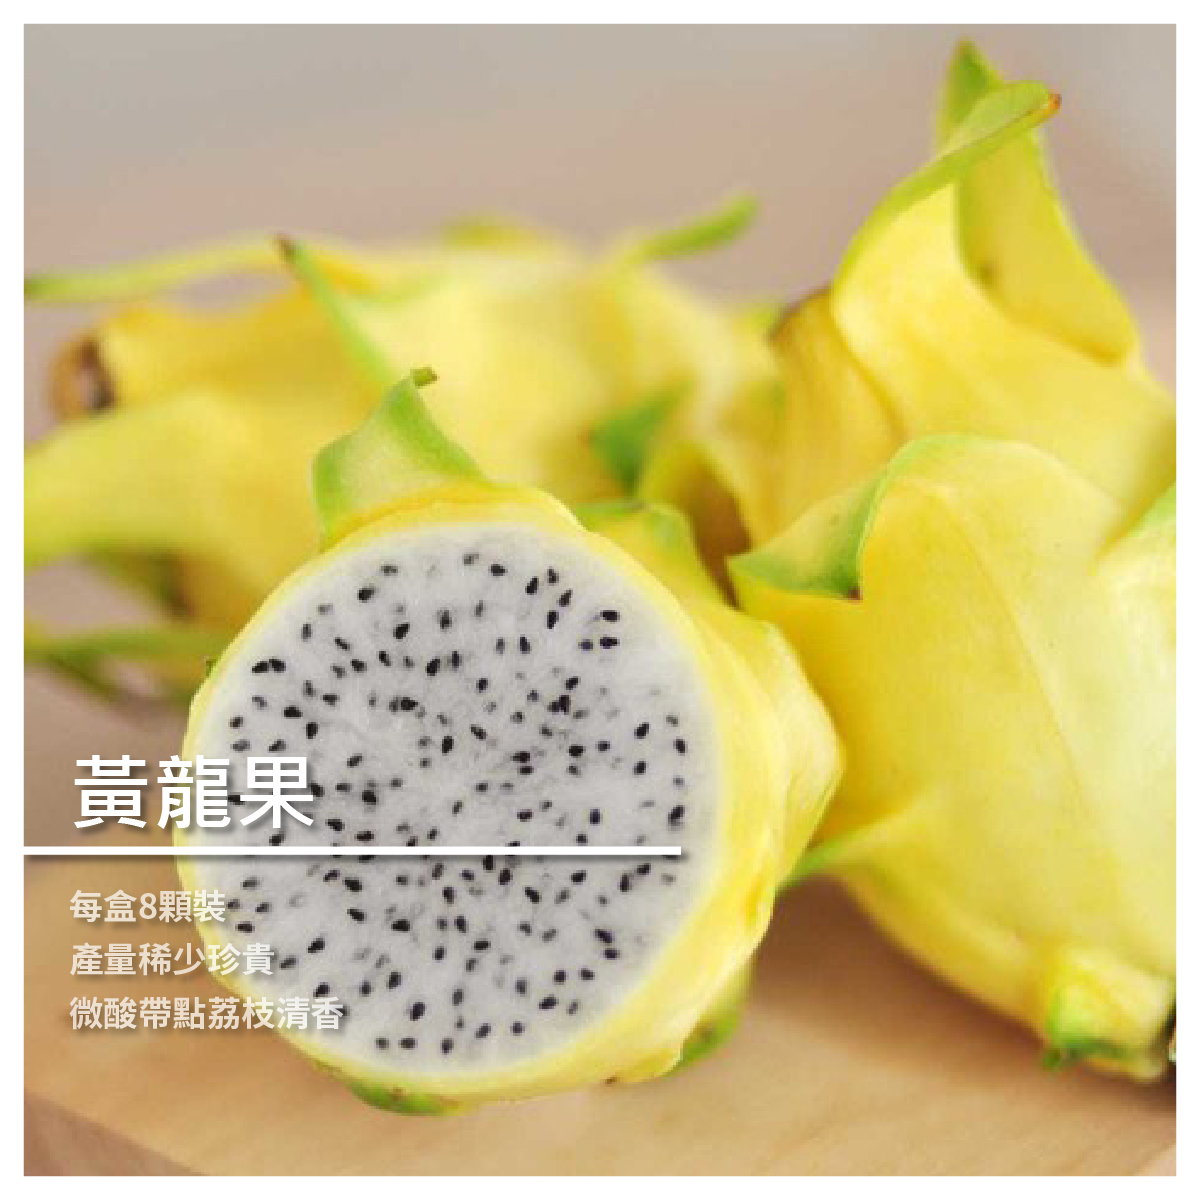 【JD7生活蔬果箱】黃龍果 8顆/箱